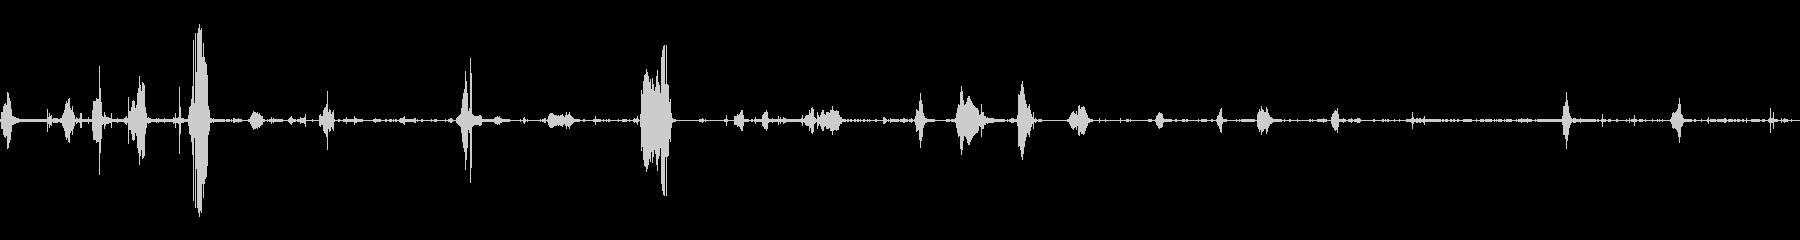 ぬれたうめき声とうなり声の未再生の波形